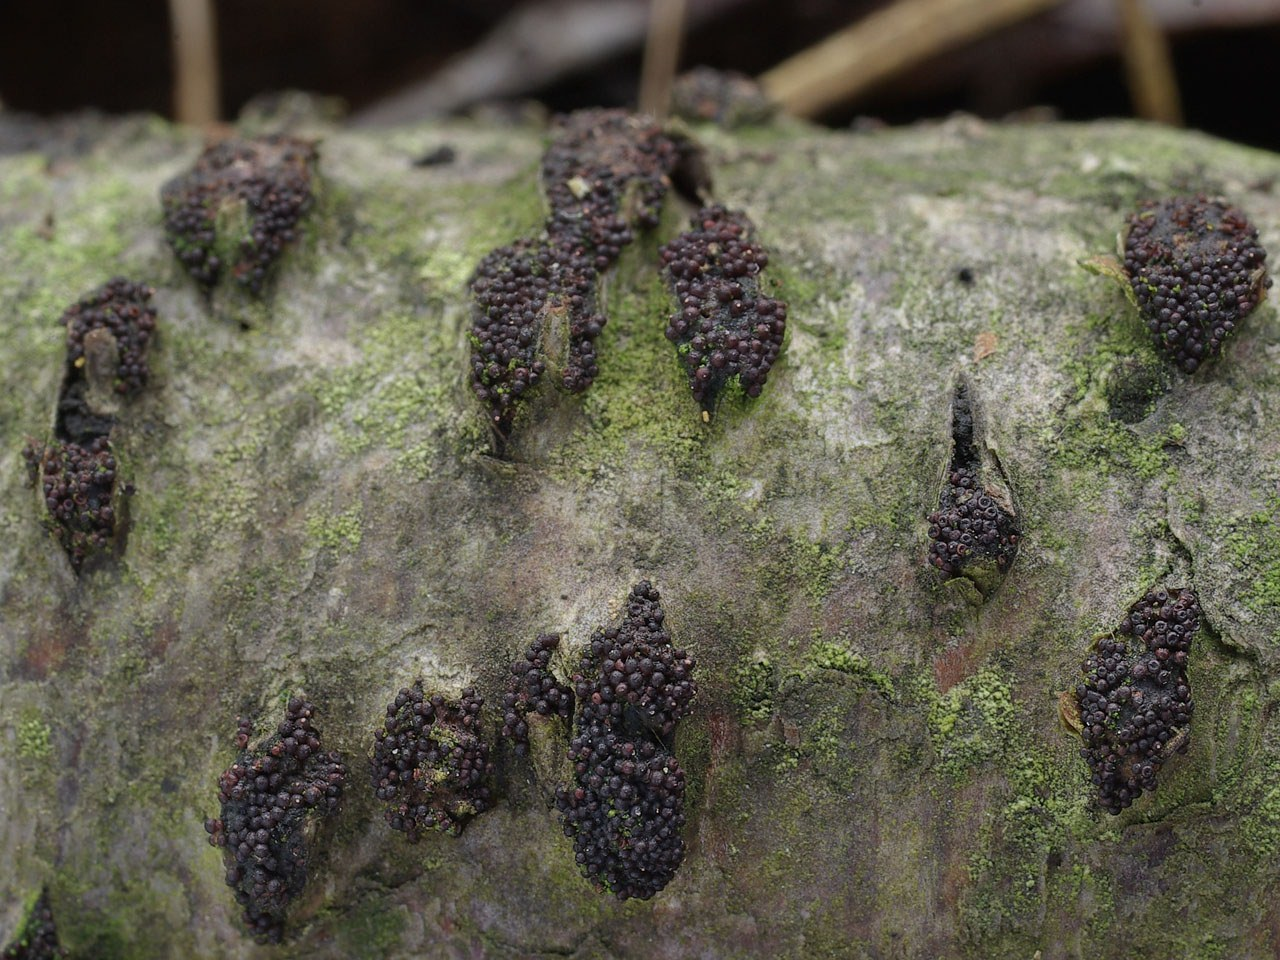 Лазиосферия семенновидная (Lasiosphaeria spermoides). Автор фото:Юрий Семенов